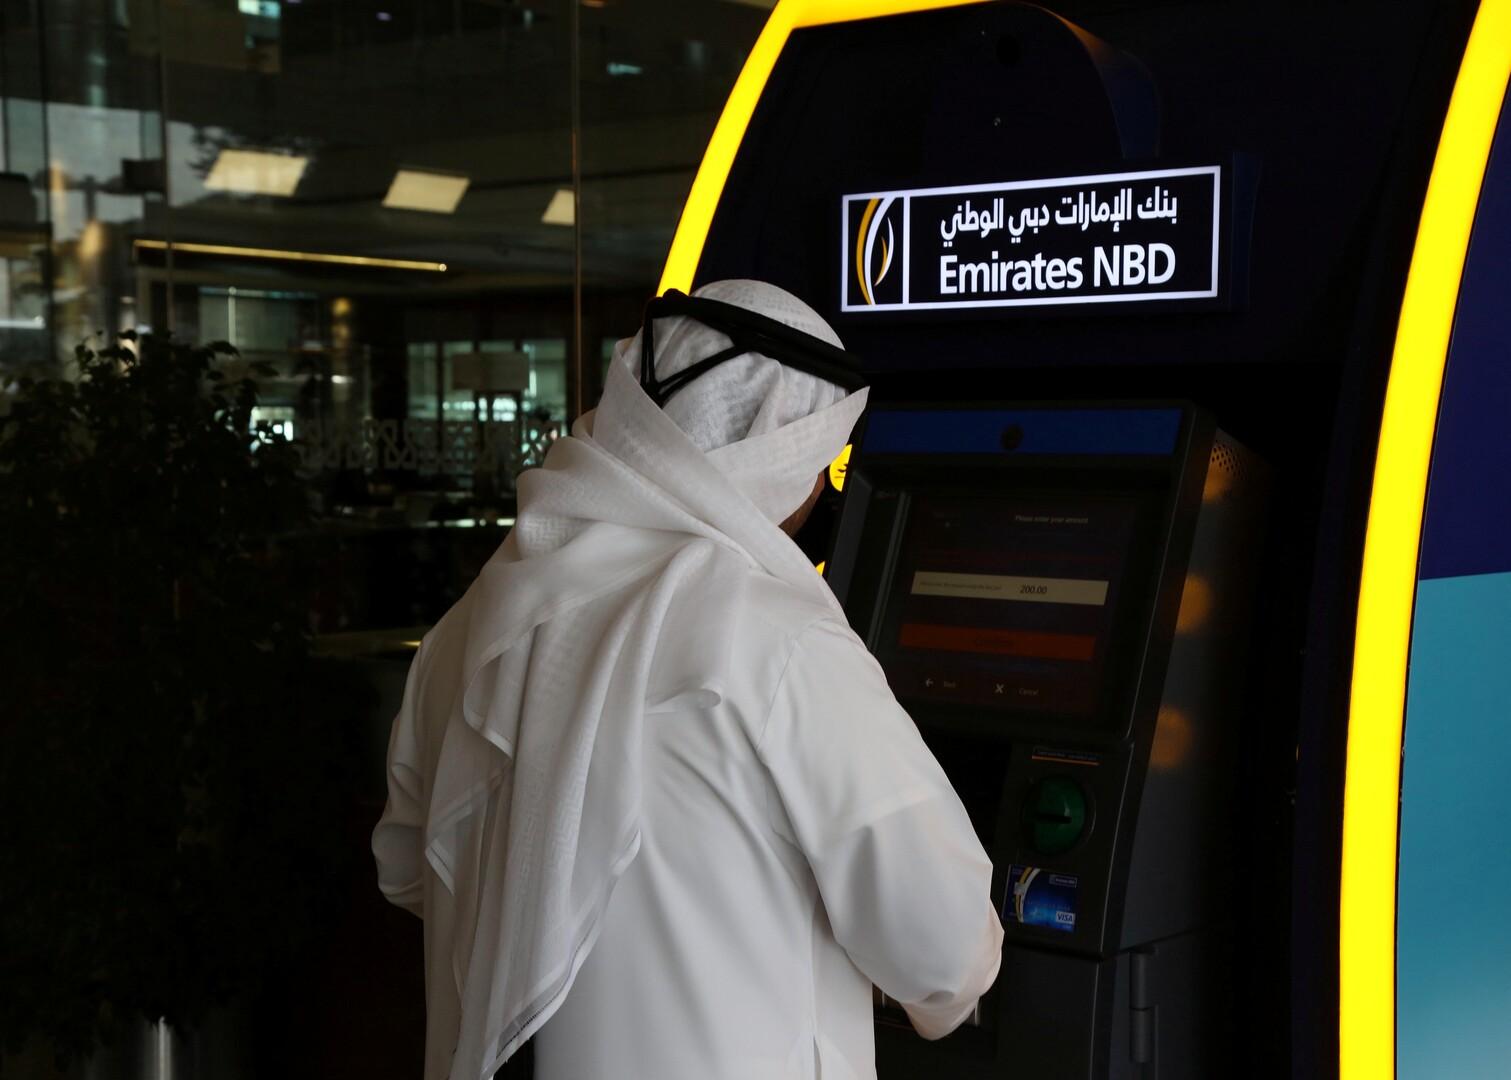 سهم أكبر بنوك دبي يقفز مع رفع سقف تملك الأجانب